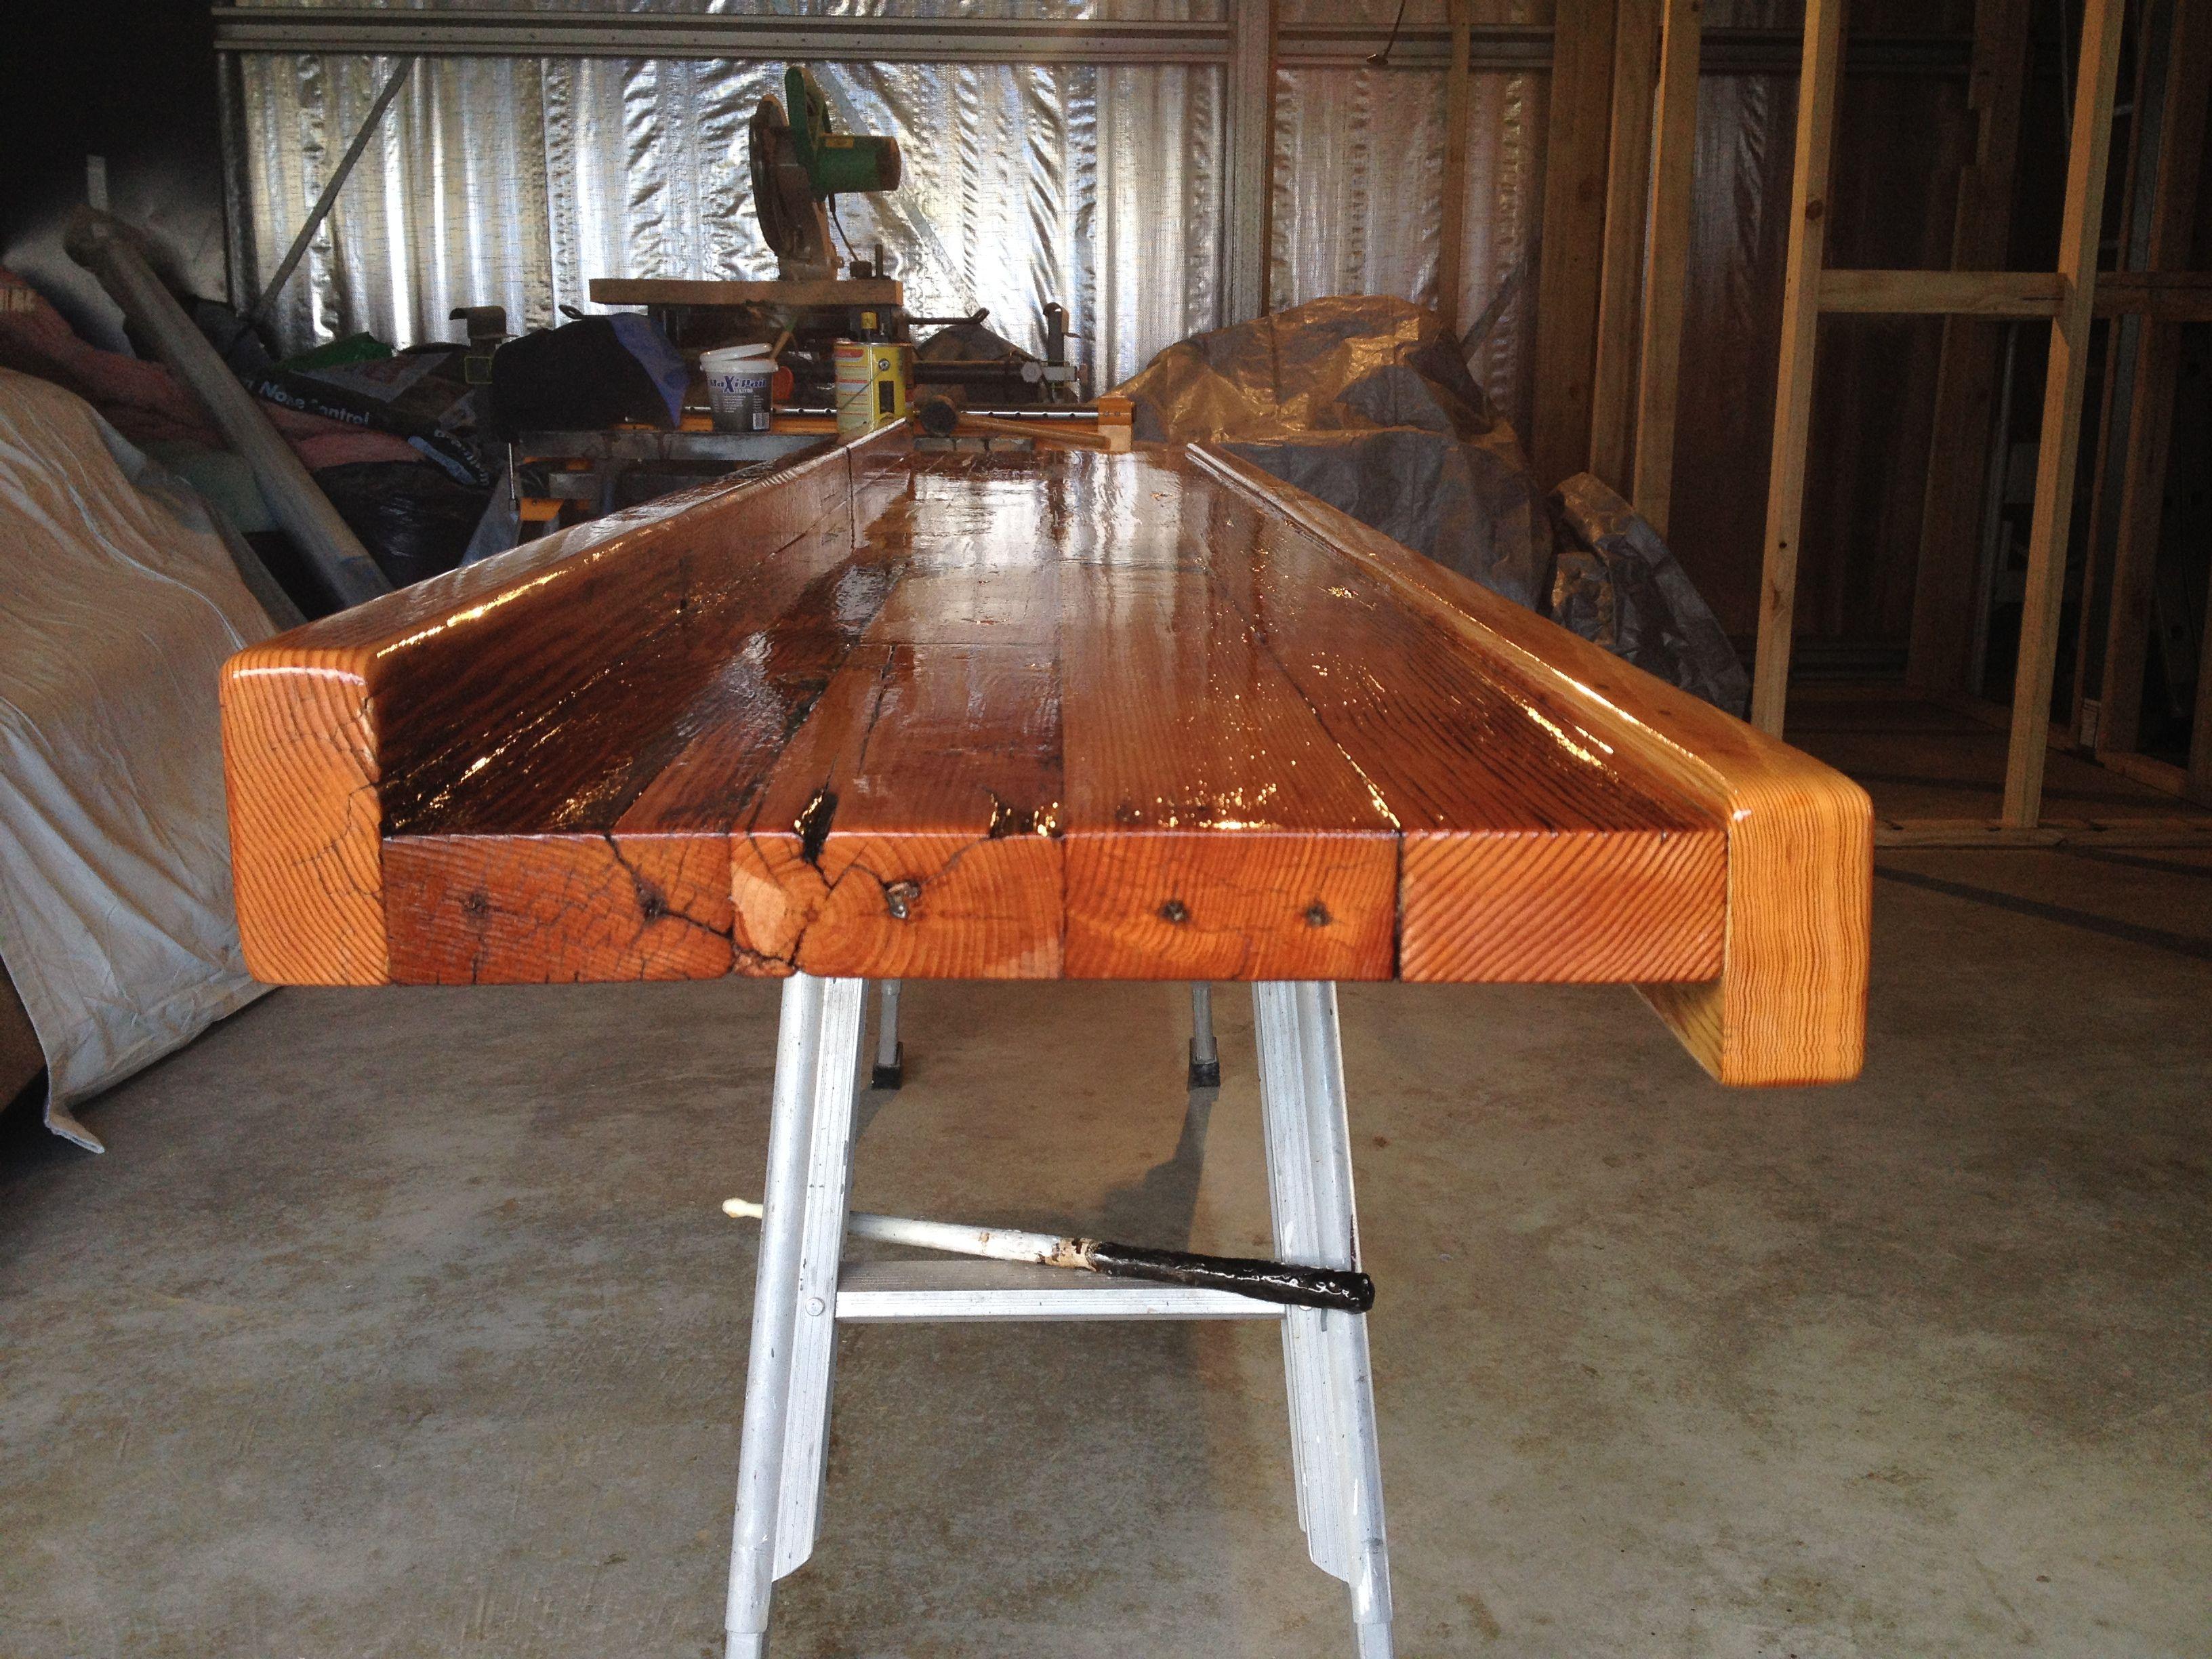 Merveilleux Bar Top / Left Side  Varnished With Cabots Marine Grade Exterior Varnish